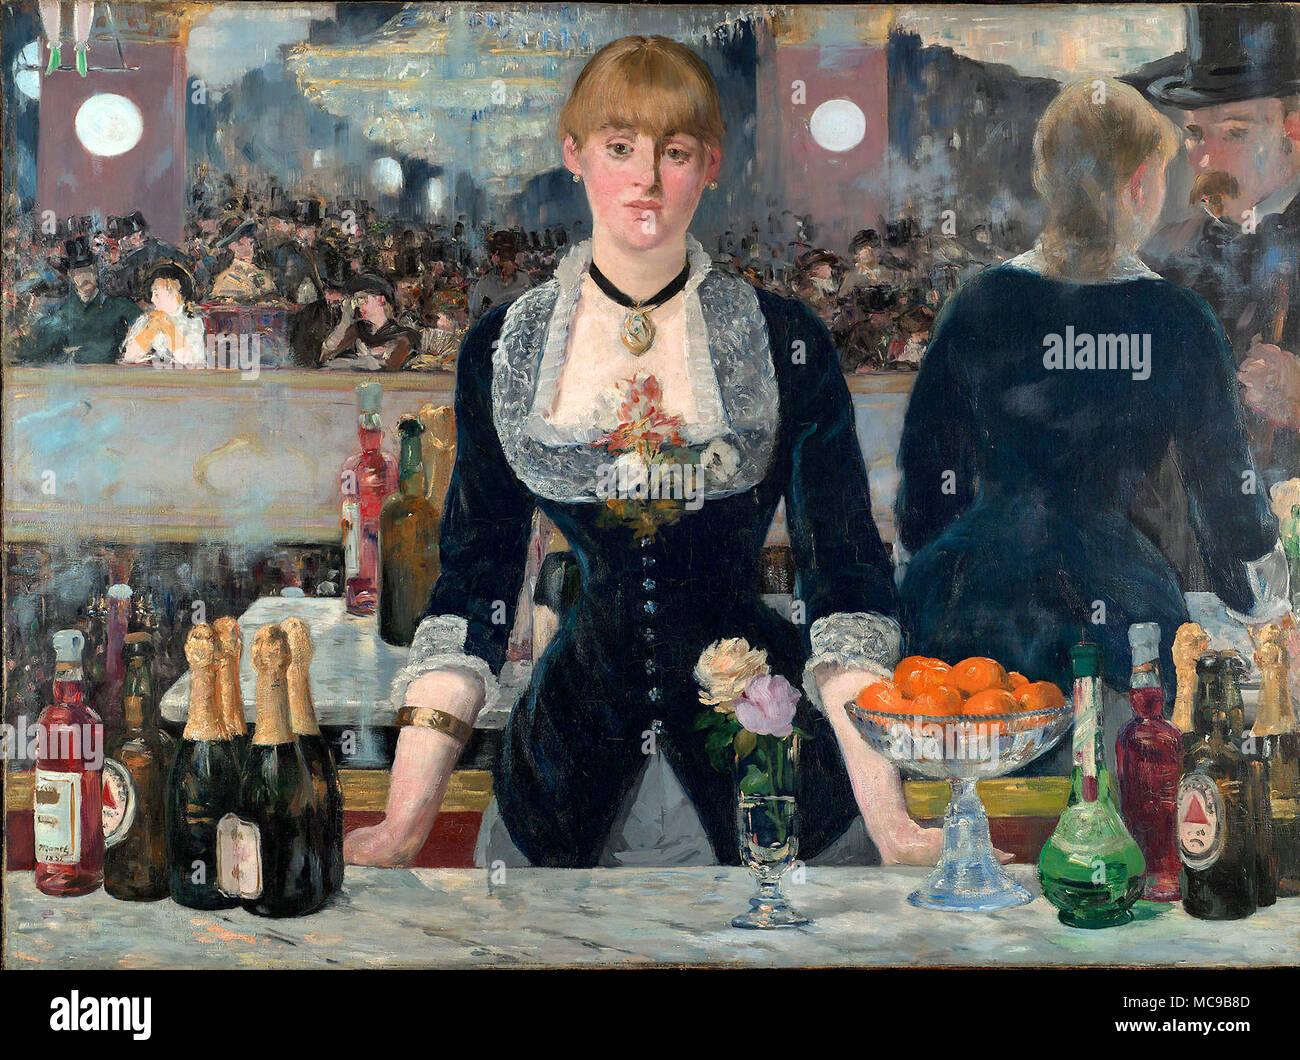 A Bar at the Folies-Bergère (Un Bar aux Folies-Bergère), 1882, by Édouard Manet - Stock Image